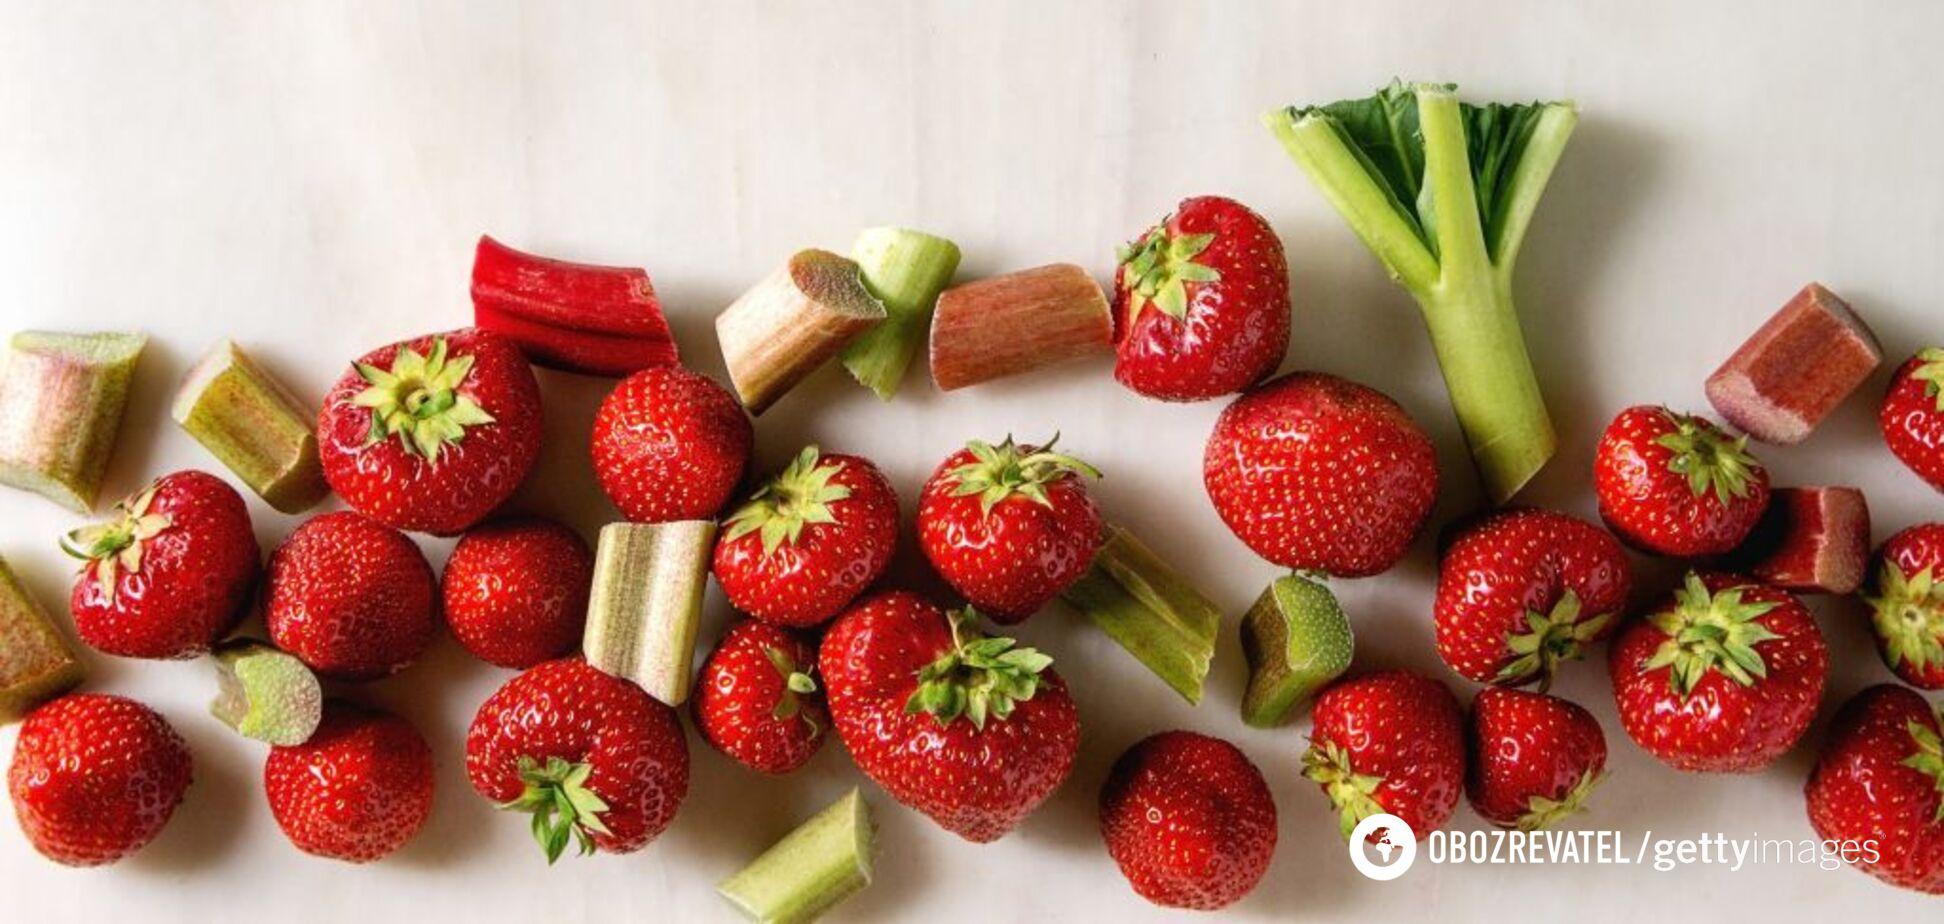 Чарівні пігулки: чи допомагають вітамінні добавки зберігати здоров'я та красу